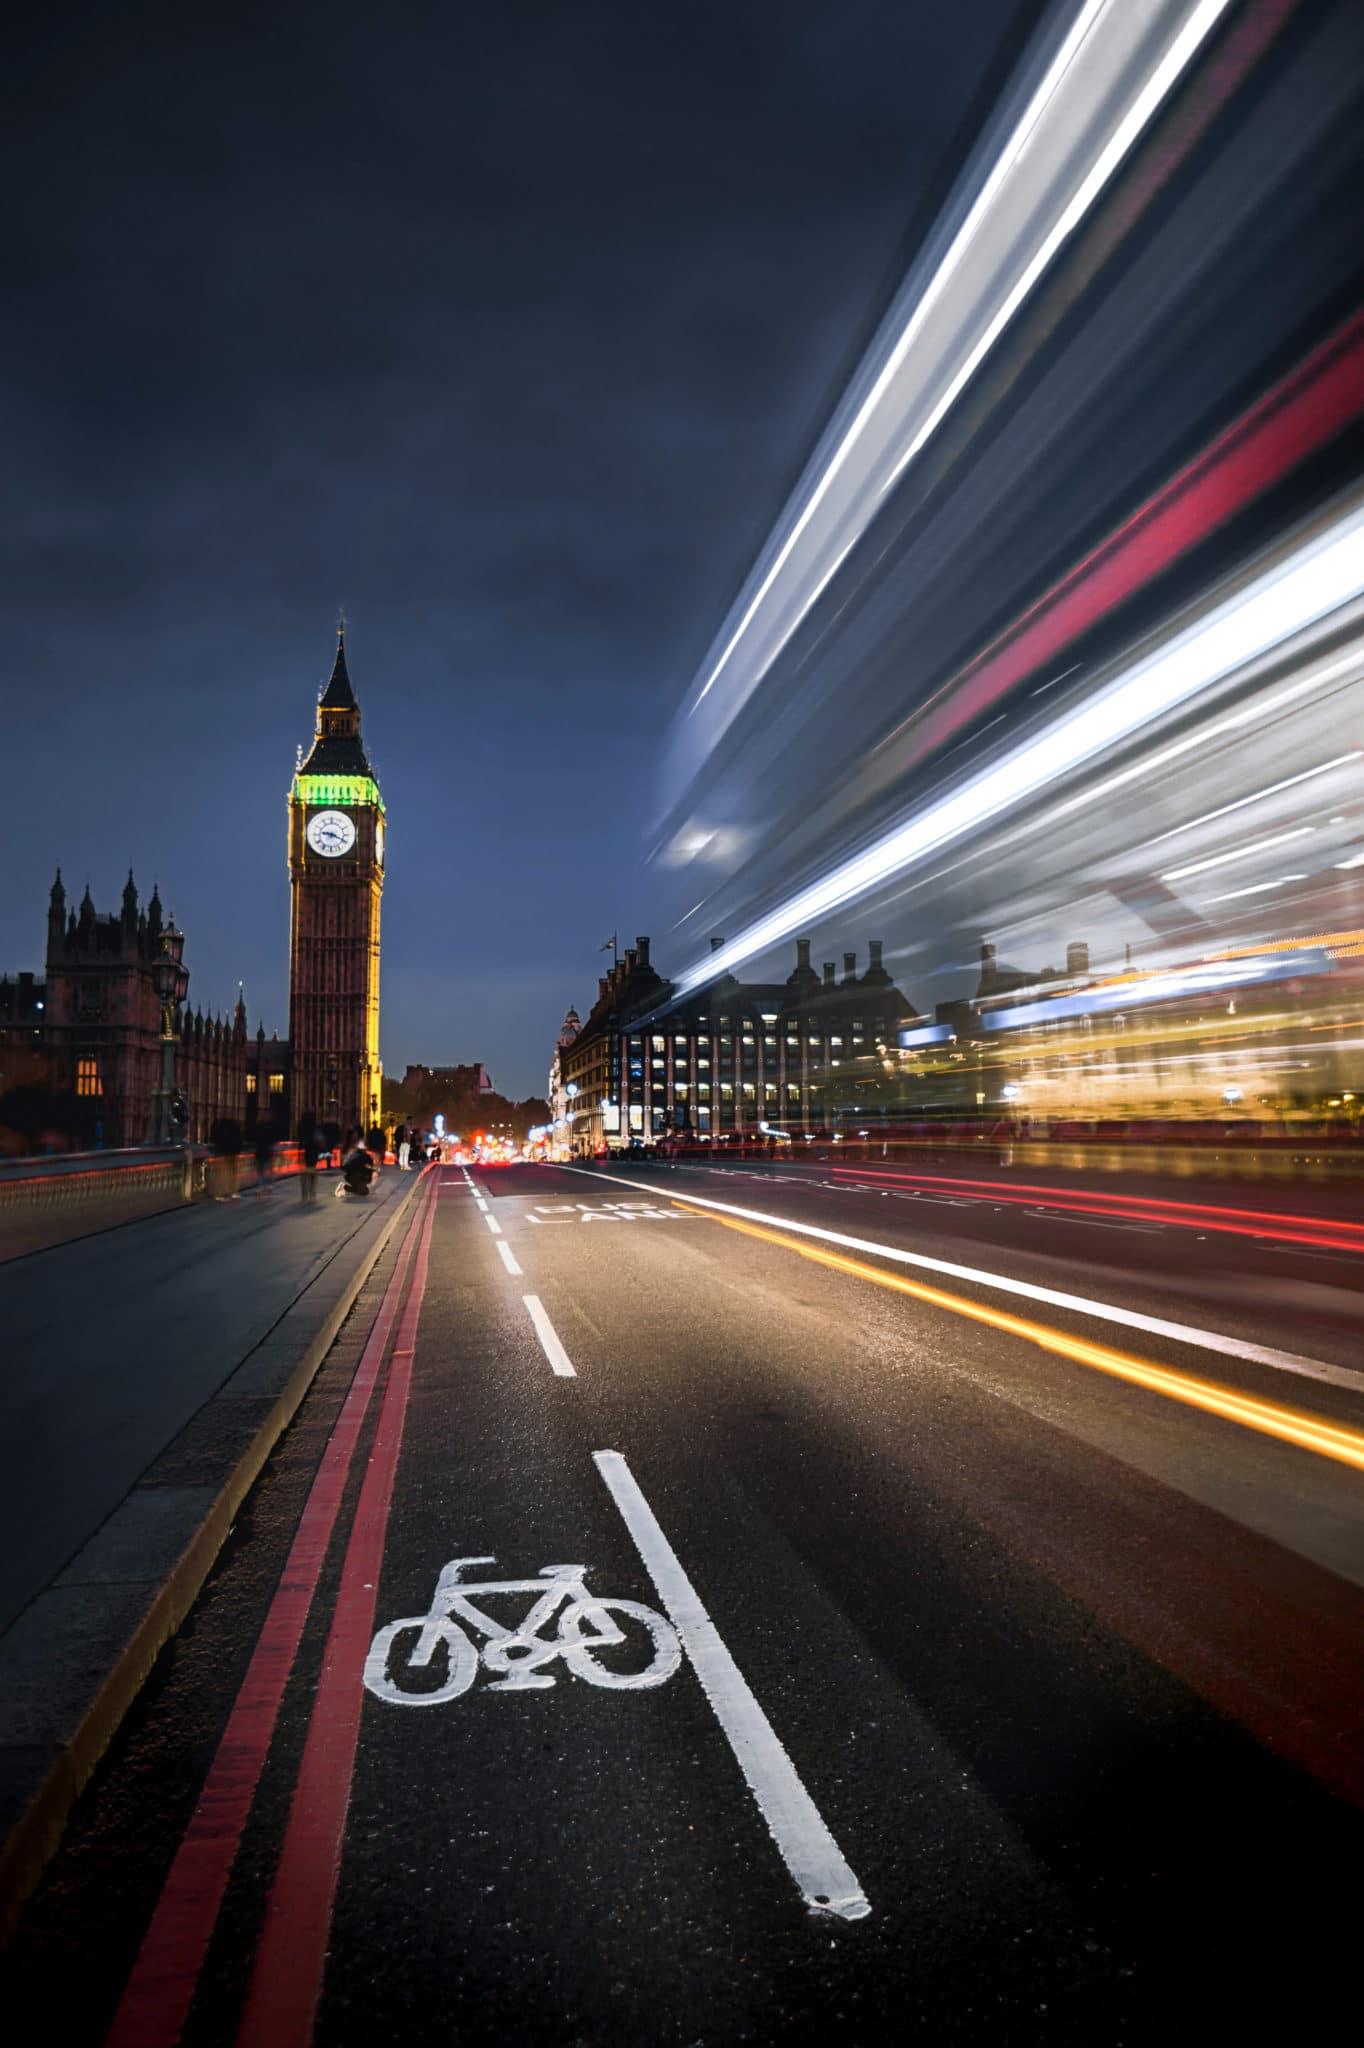 Vitesse d'obturation et pose longue, Londres pour illustrer l'article sur la vitesse d'obturation